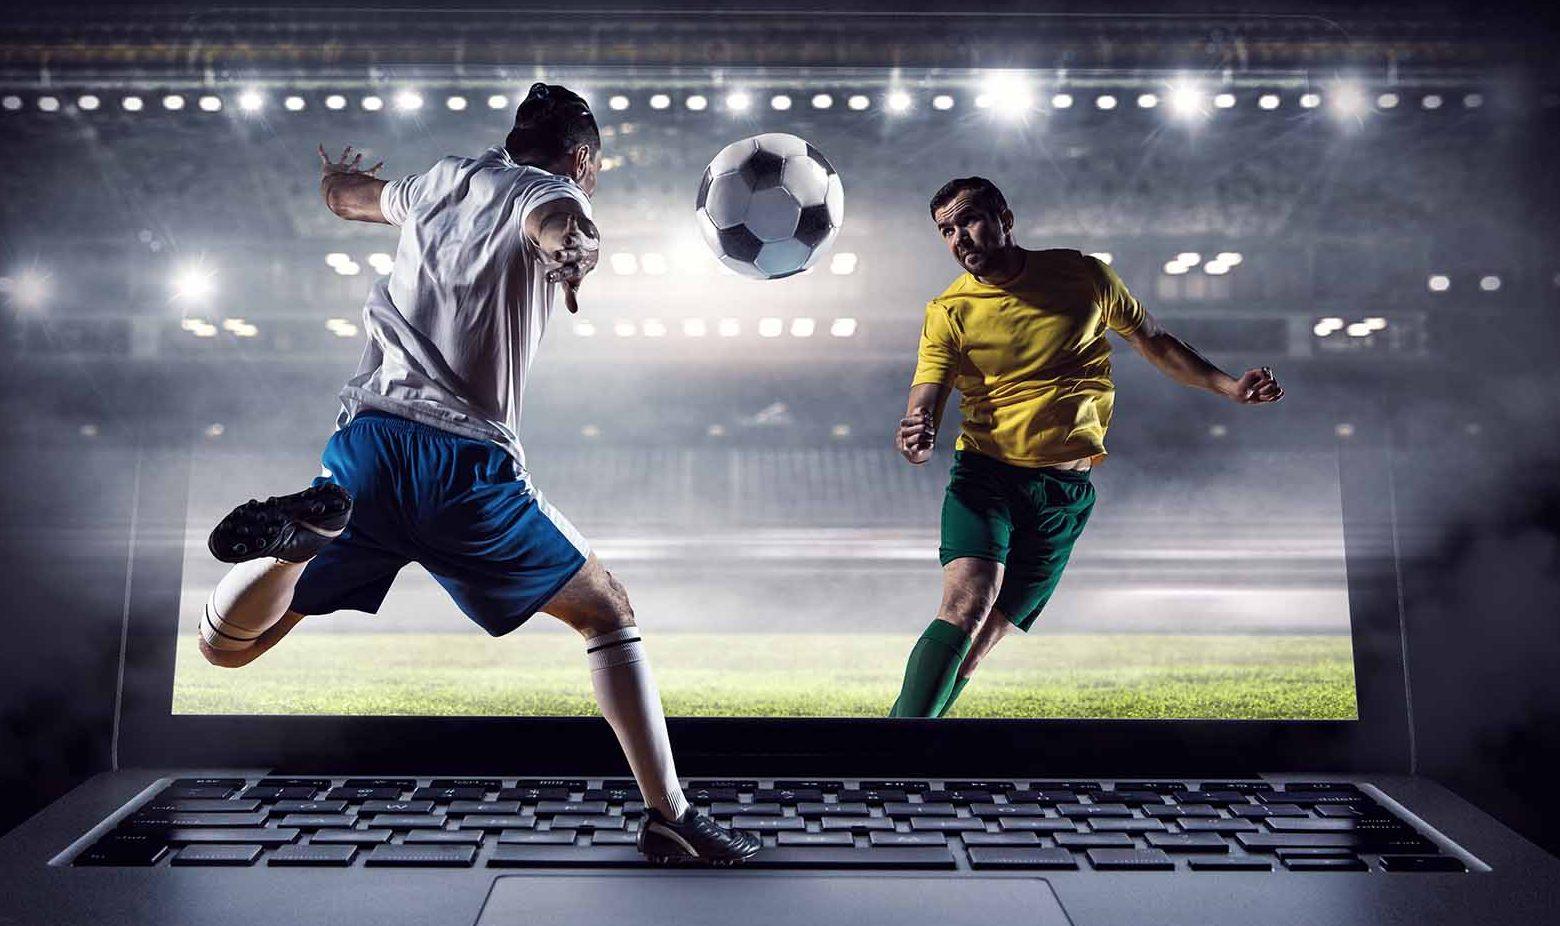 Возможности и стратегии ставок на кибер футбол